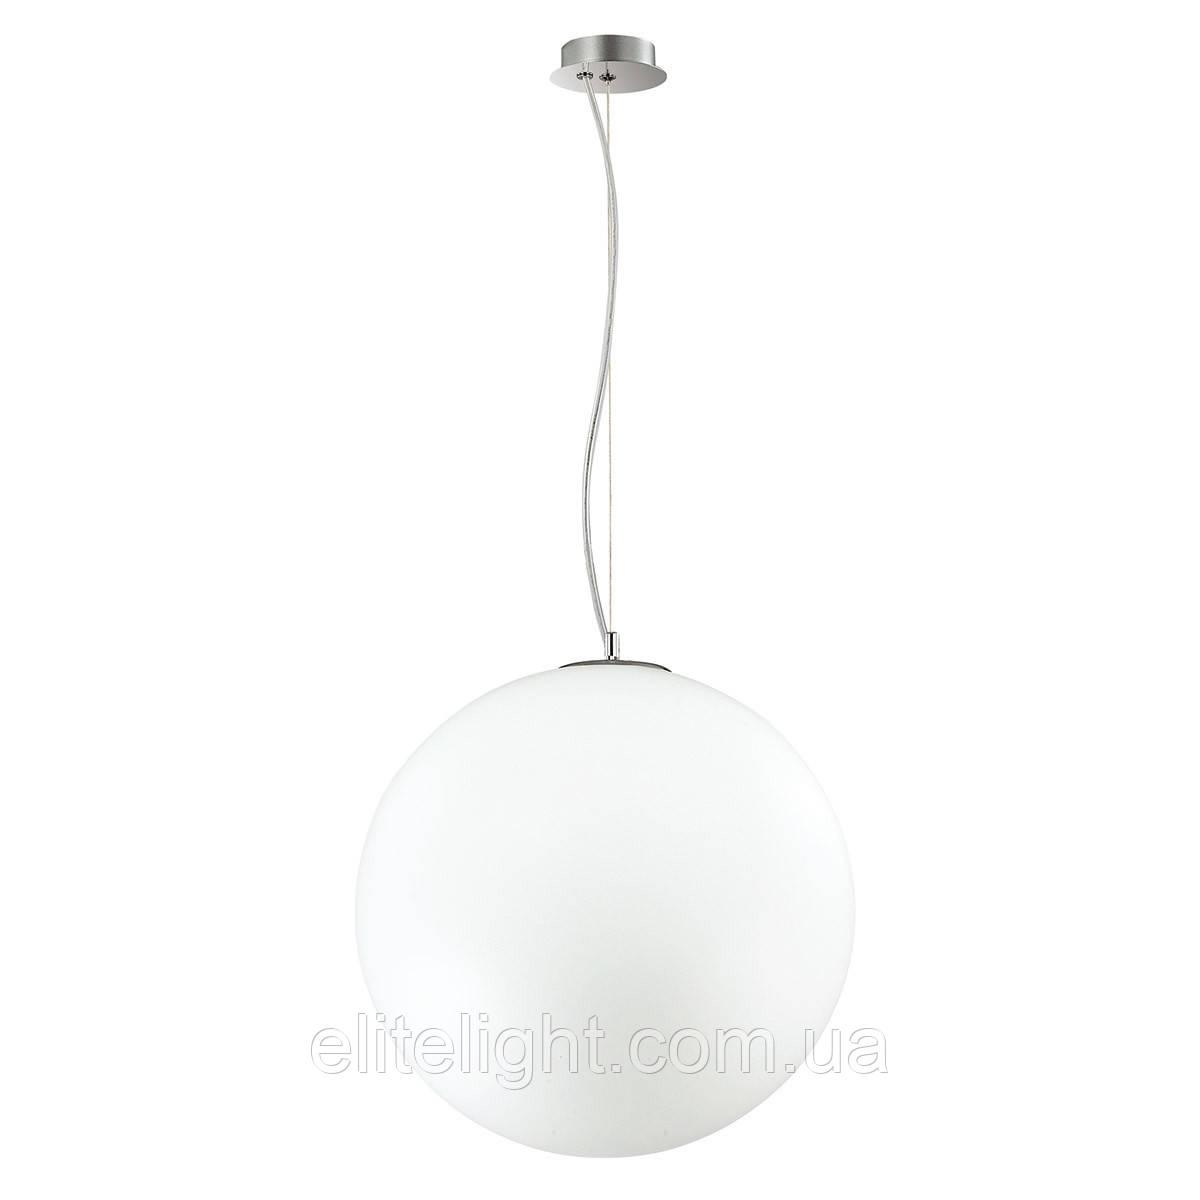 Подвесной светильник Italux ELLA MA04872C-001-03